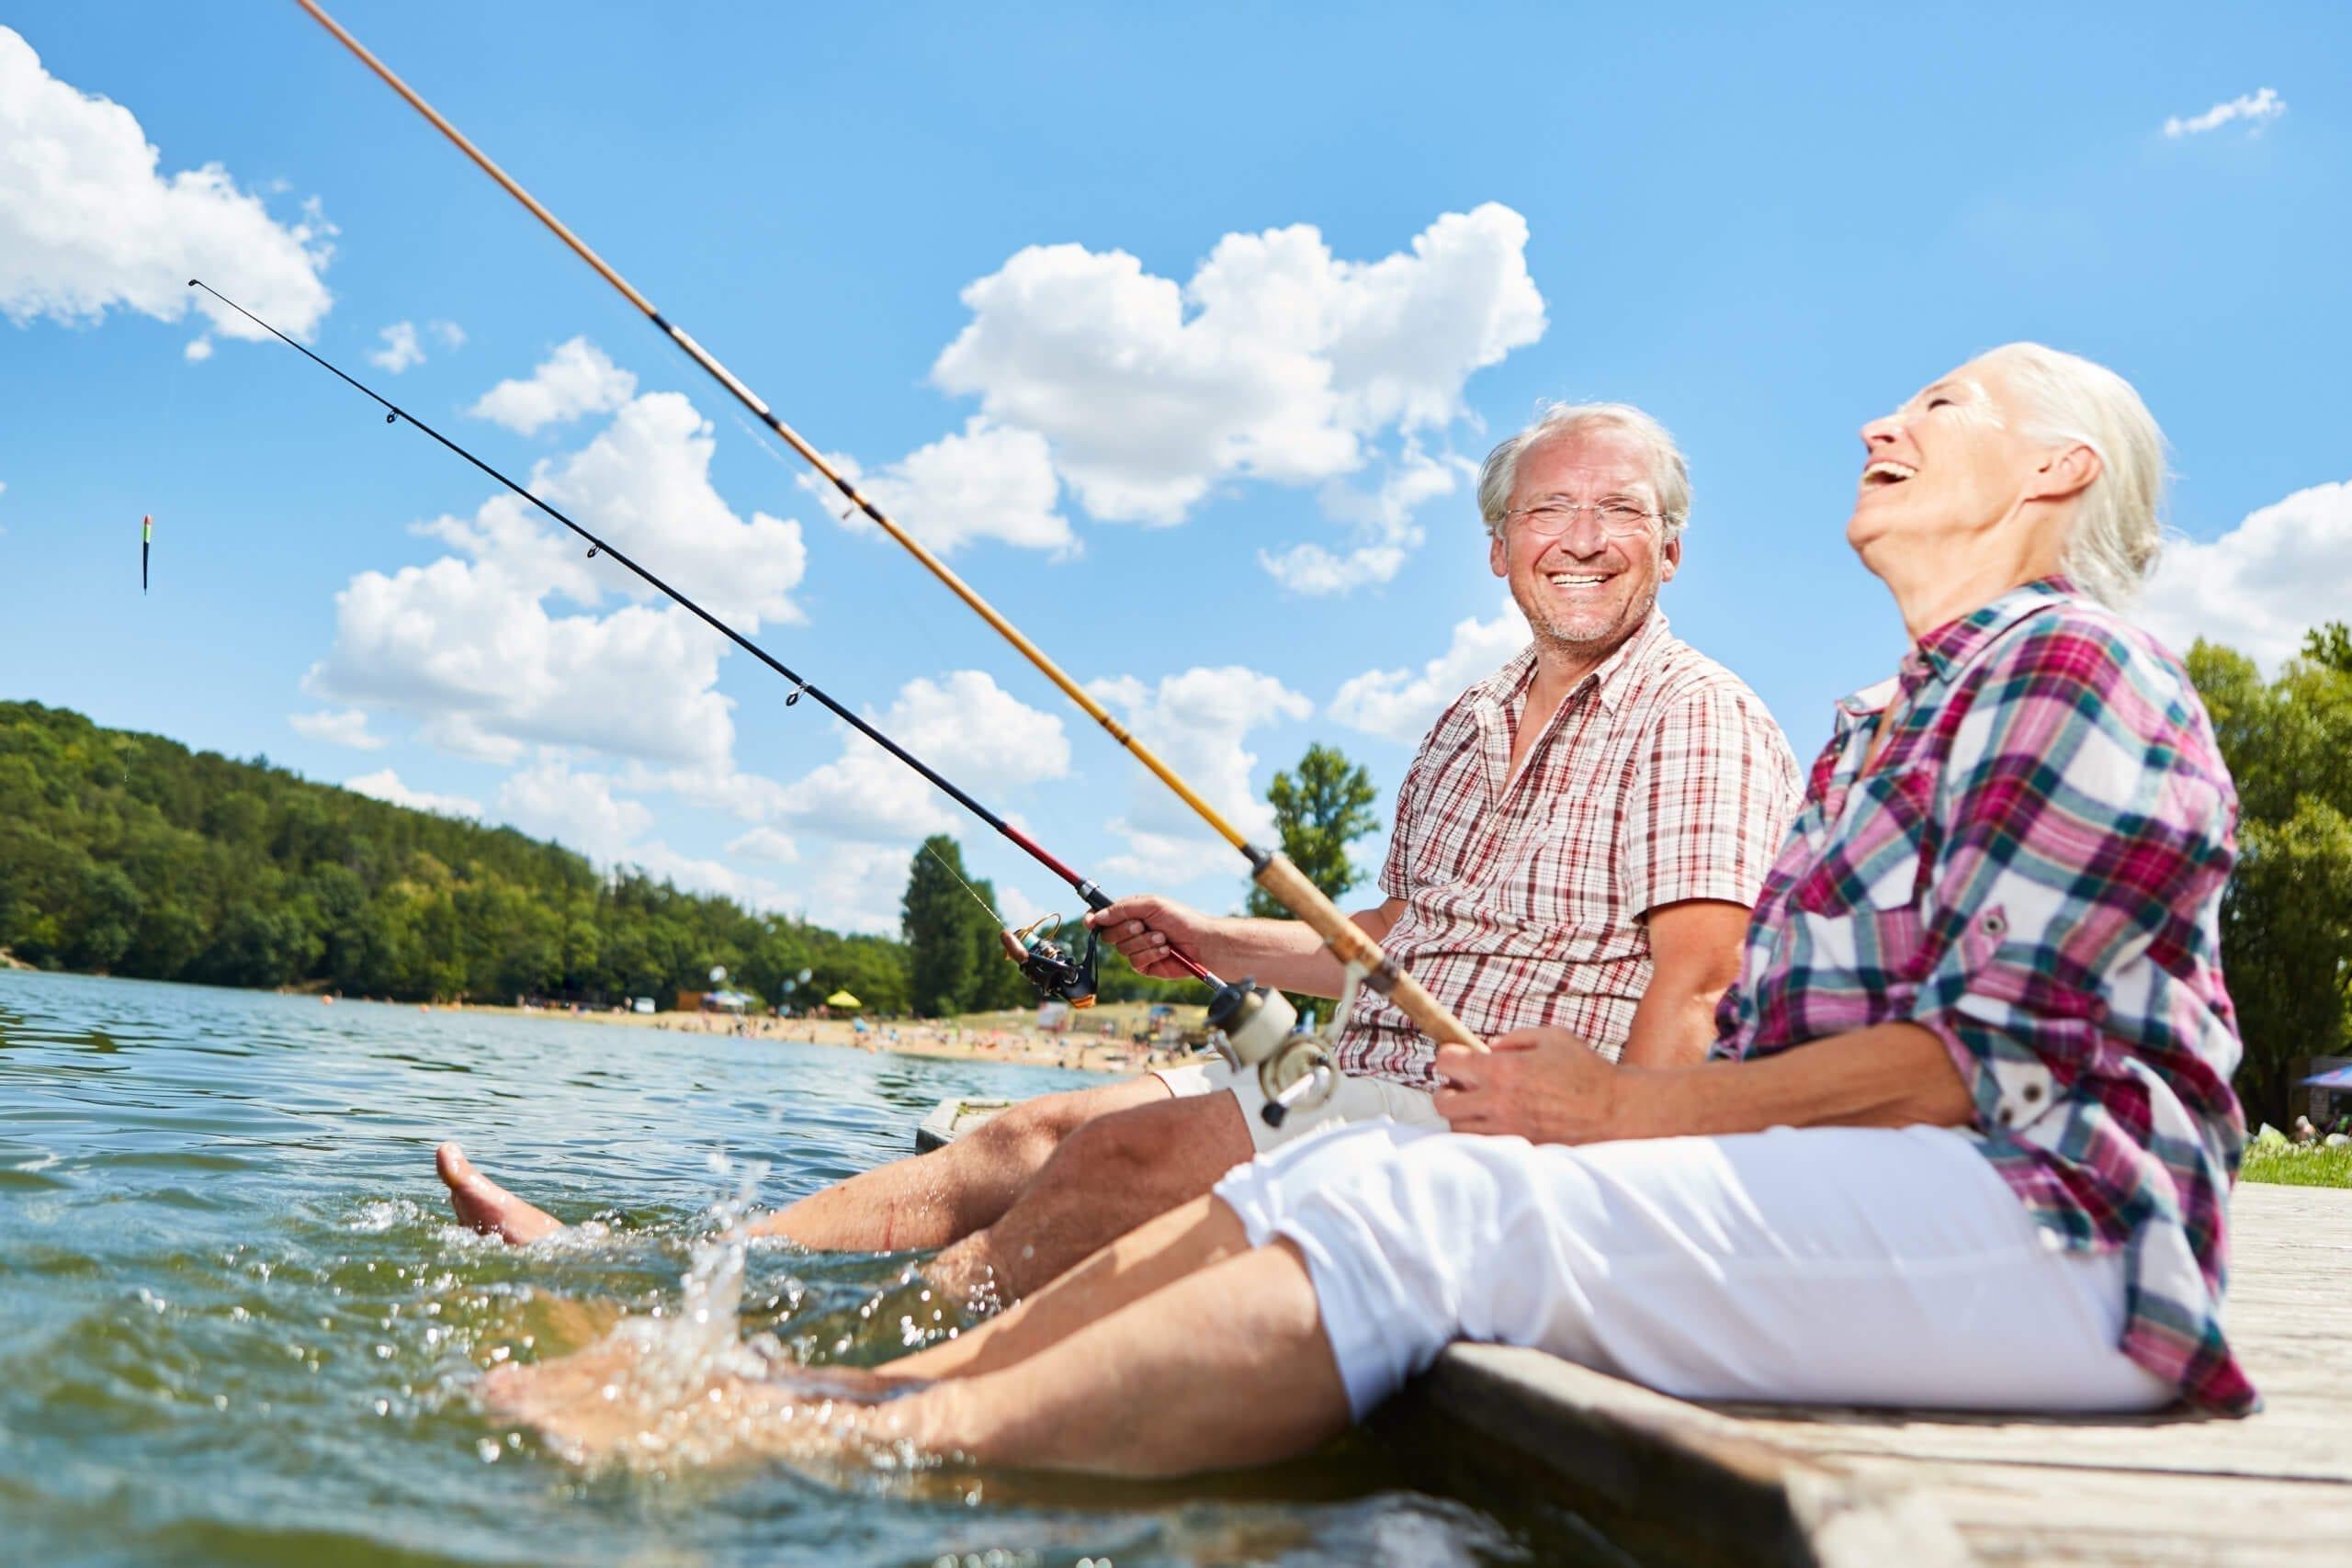 Senior Paar plantscht mit den Füßen im Wasser beim Angeln am See im Sommer